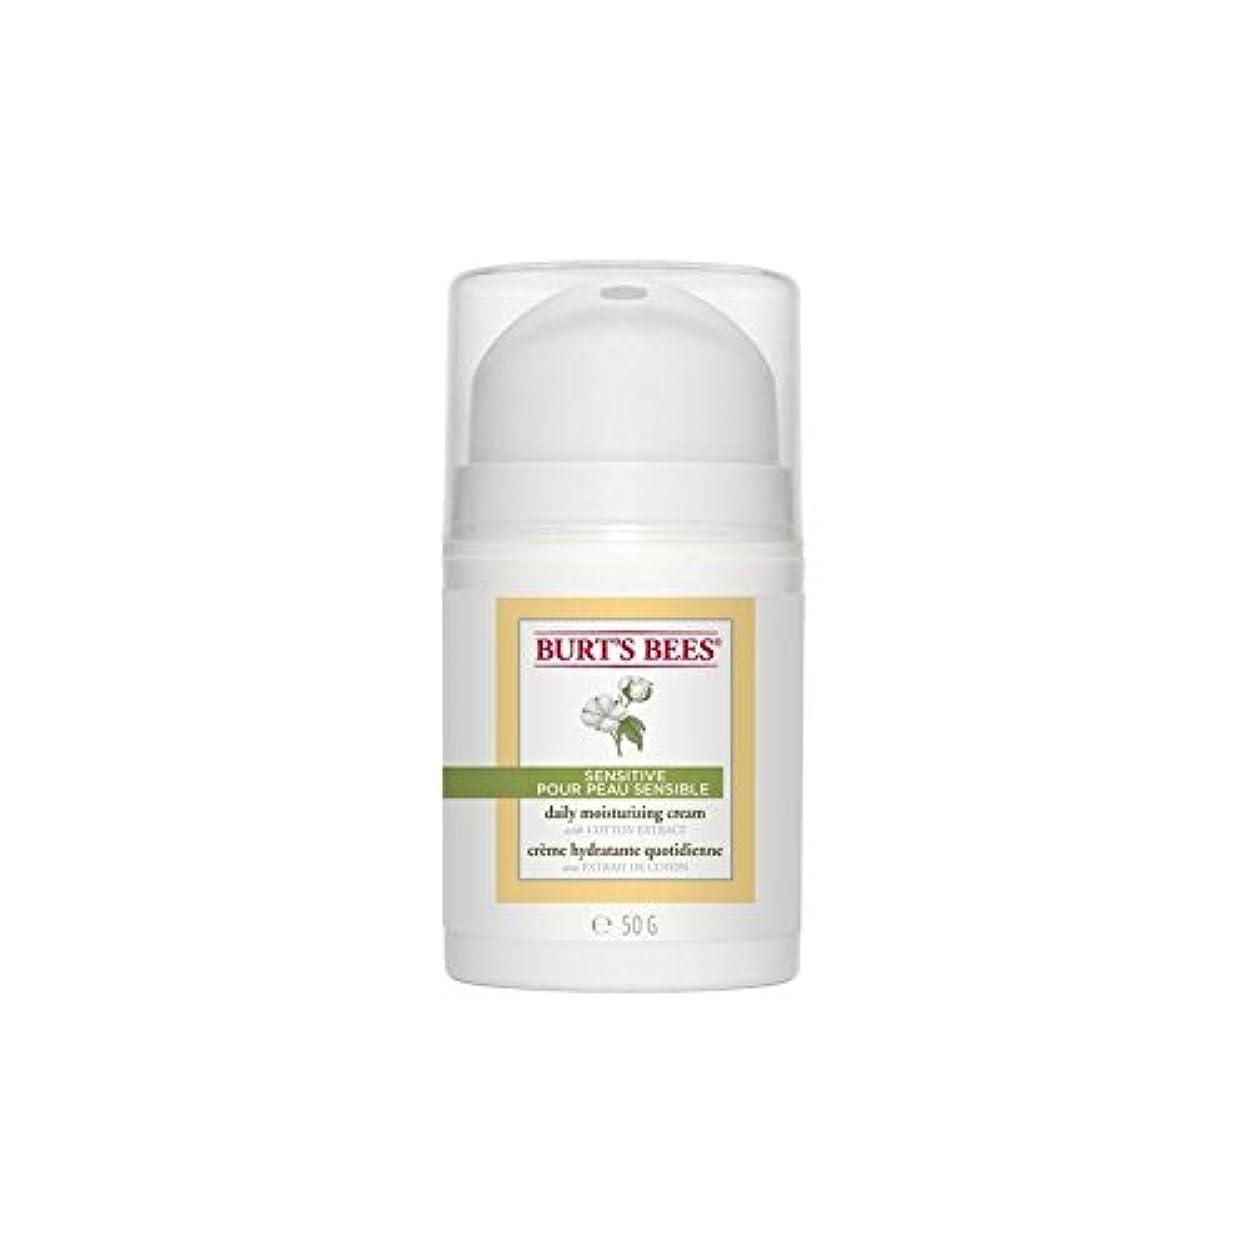 剥ぎ取るに勝るスタッフバーツビー敏感毎日保湿クリーム50グラム x2 - Burt's Bees Sensitive Daily Moisturising Cream 50G (Pack of 2) [並行輸入品]